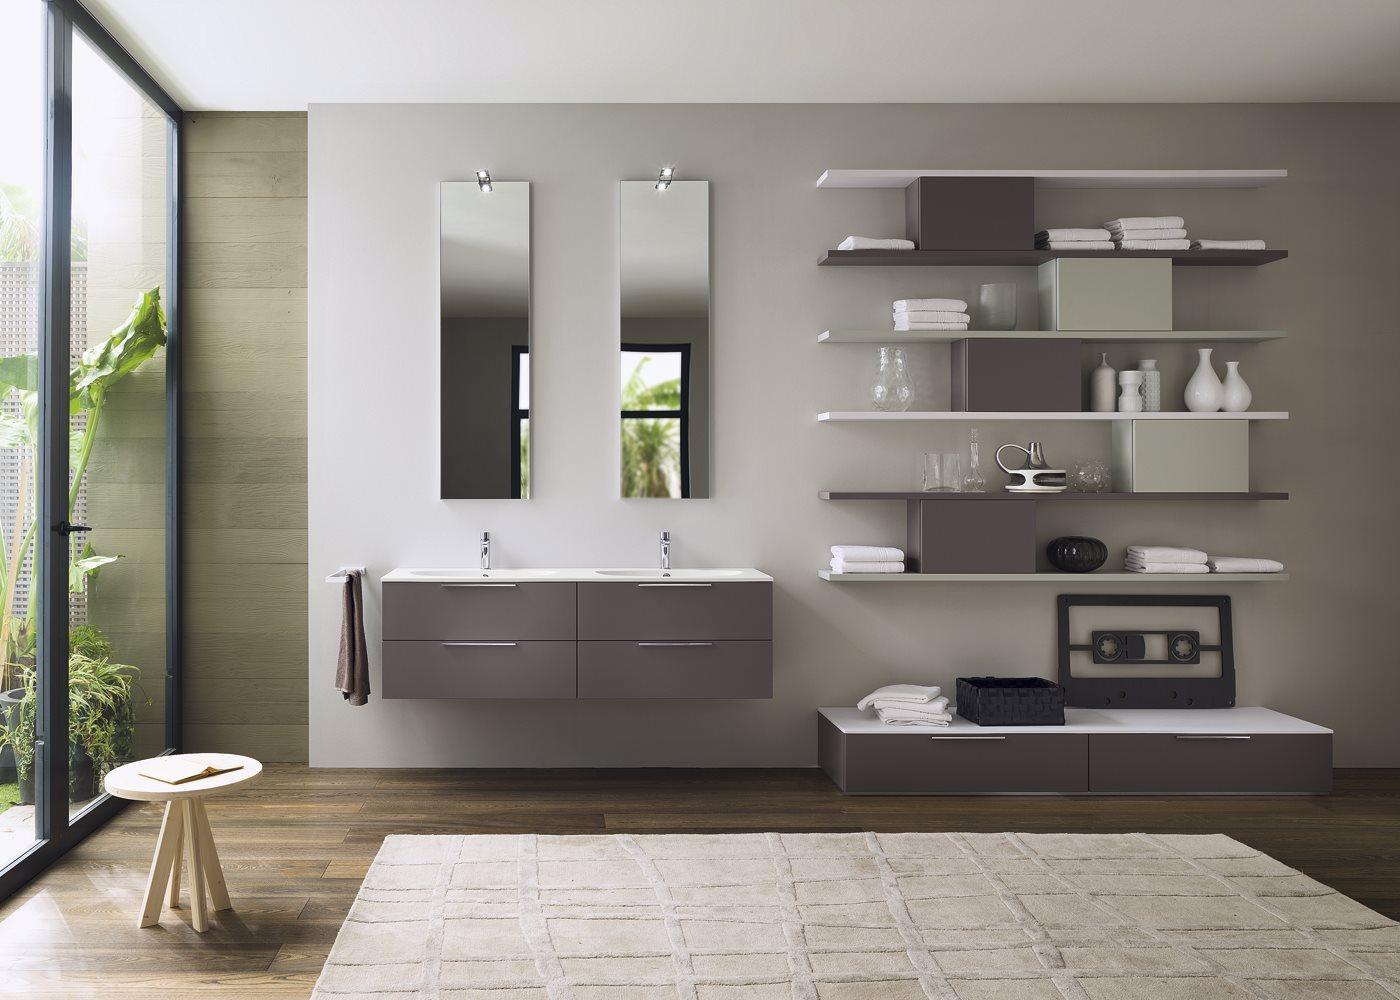 salle de bain cuisine et confidences. Black Bedroom Furniture Sets. Home Design Ideas